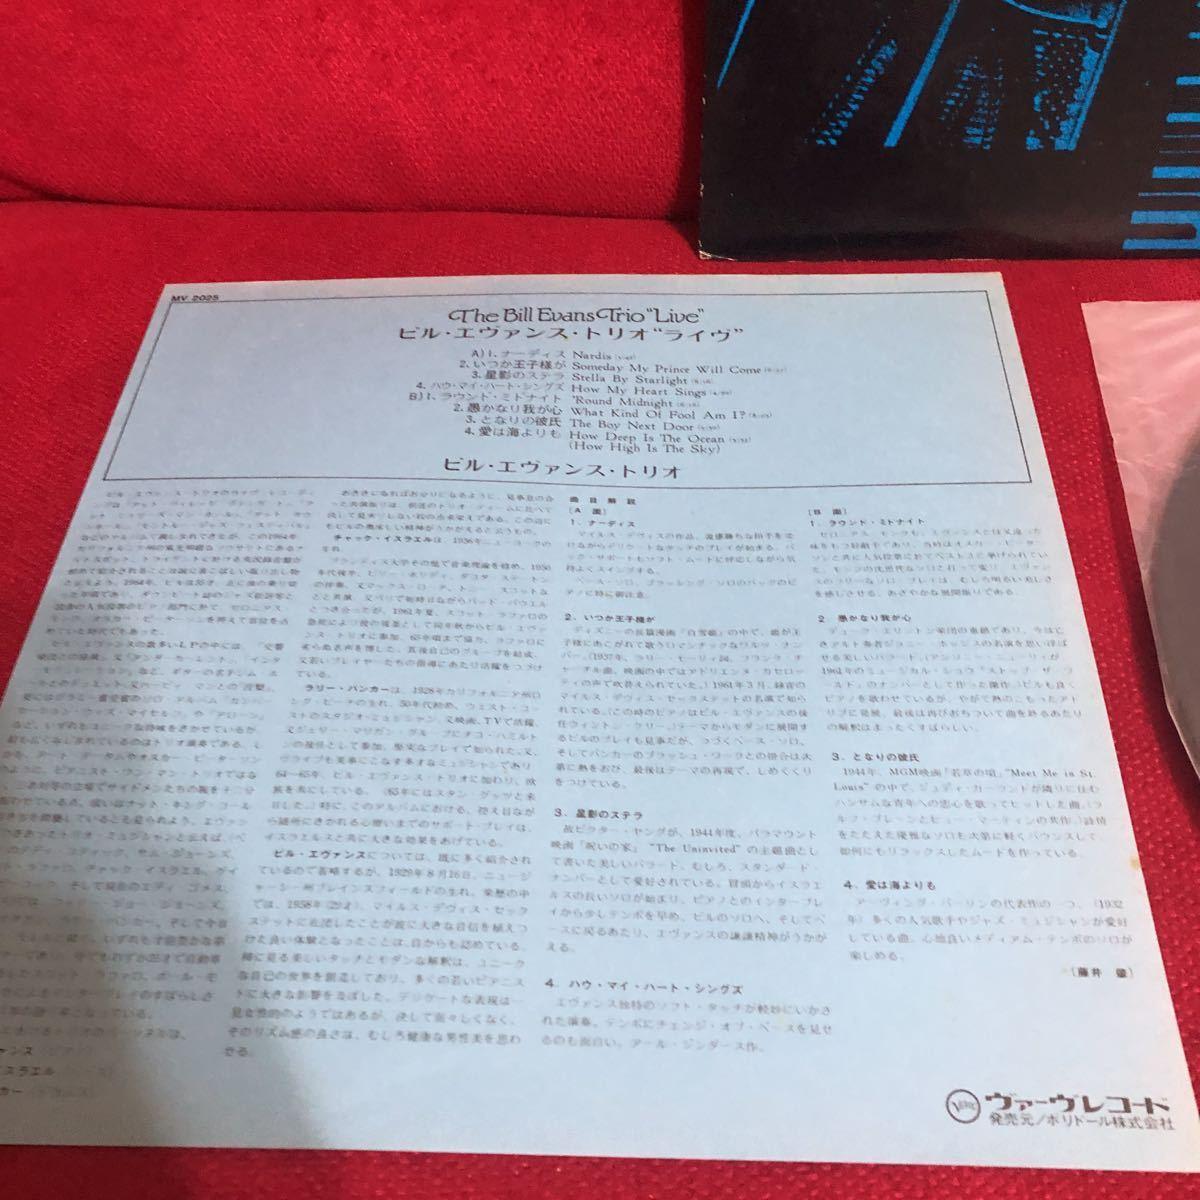 激レア盤★ LPレコード★ピアノ★bill Evans★The Bill Evans Trio - Live ★☆レコード多数出品中_画像3